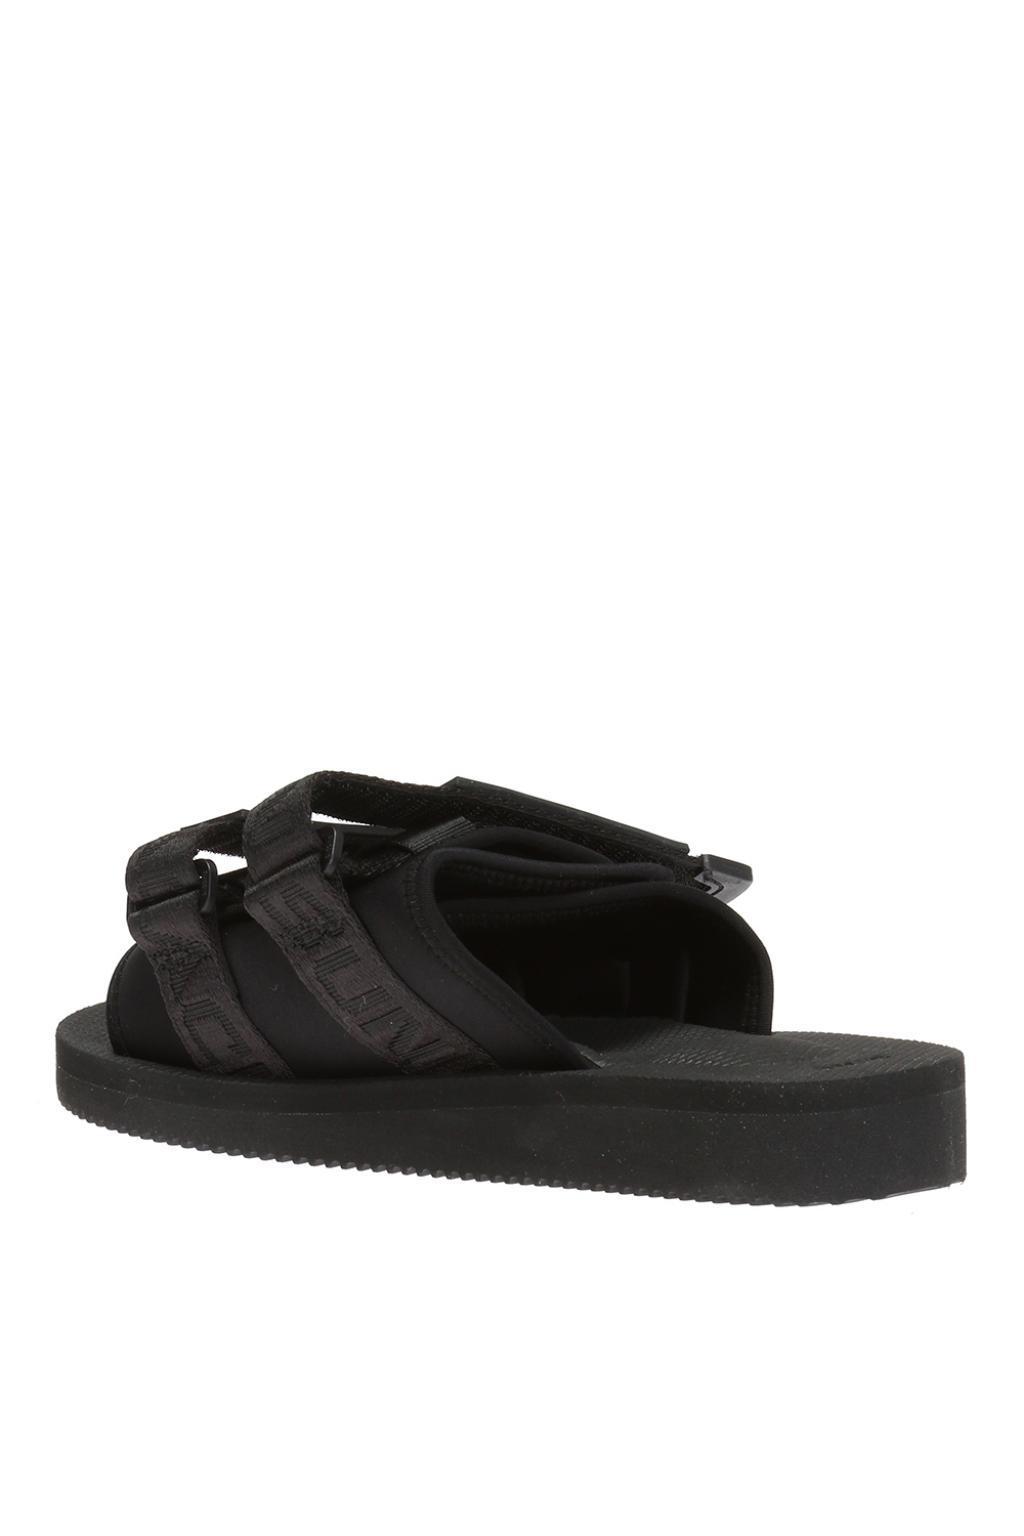 de91cfdfa44d Lyst - Palm Angels Suicoke Moto-m Sandals in Black for Men